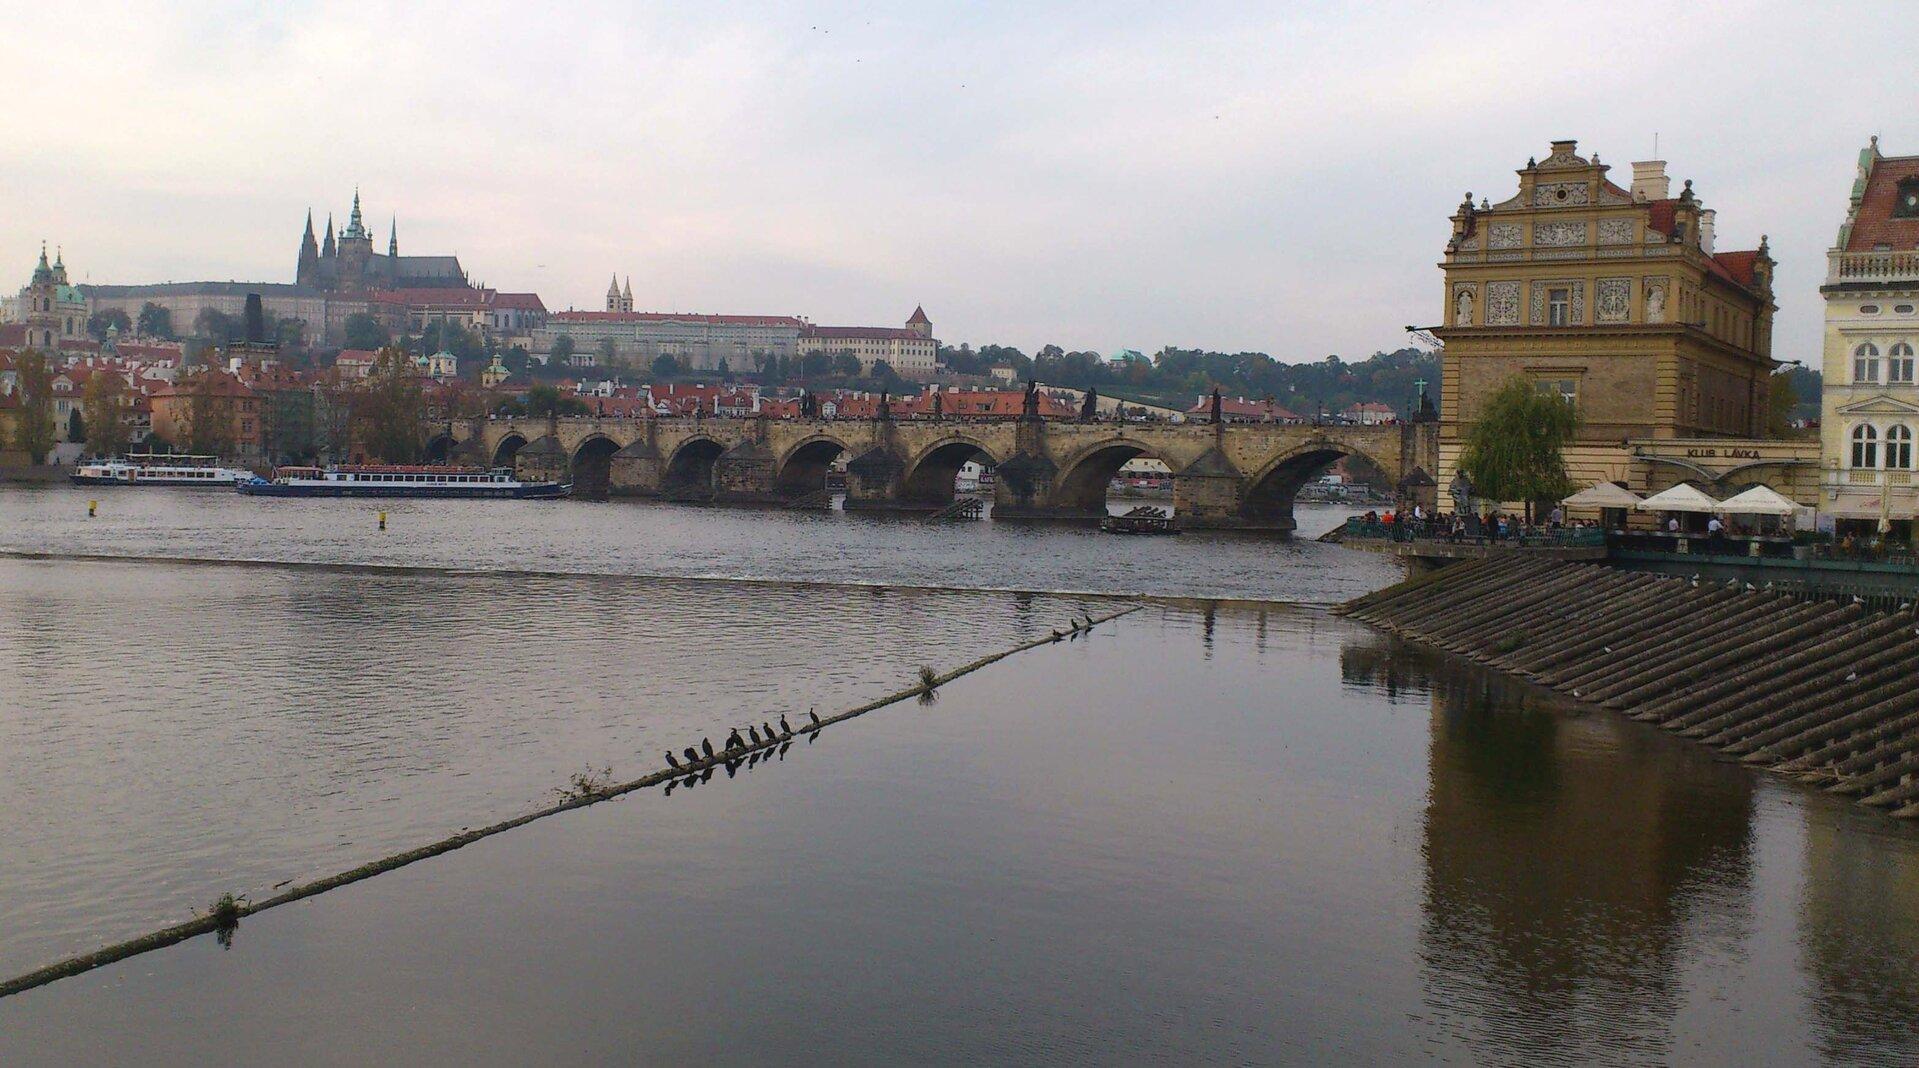 Na zdjęciu na pierwszym planie rzeka, dalej murowany most, woddali na wzgórzu zabytkowe budynki, kryte czerwonymi dachami, wysokie wieże.